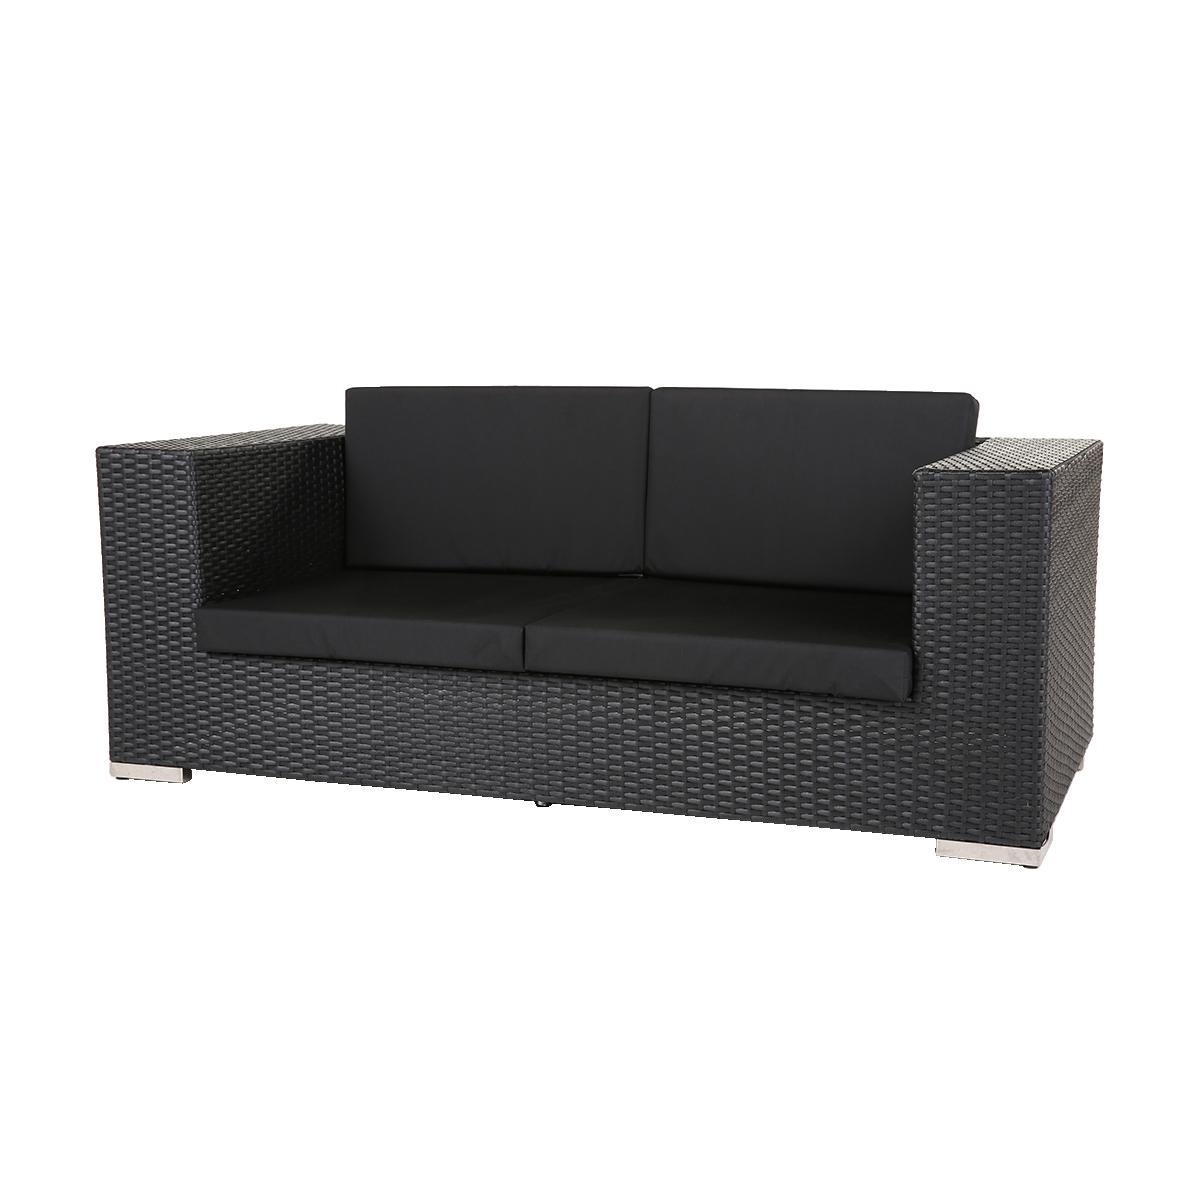 dieeventausstatter Polyrattan 2 Sitzer Sofa anthrazit Sitzkissen schwarz